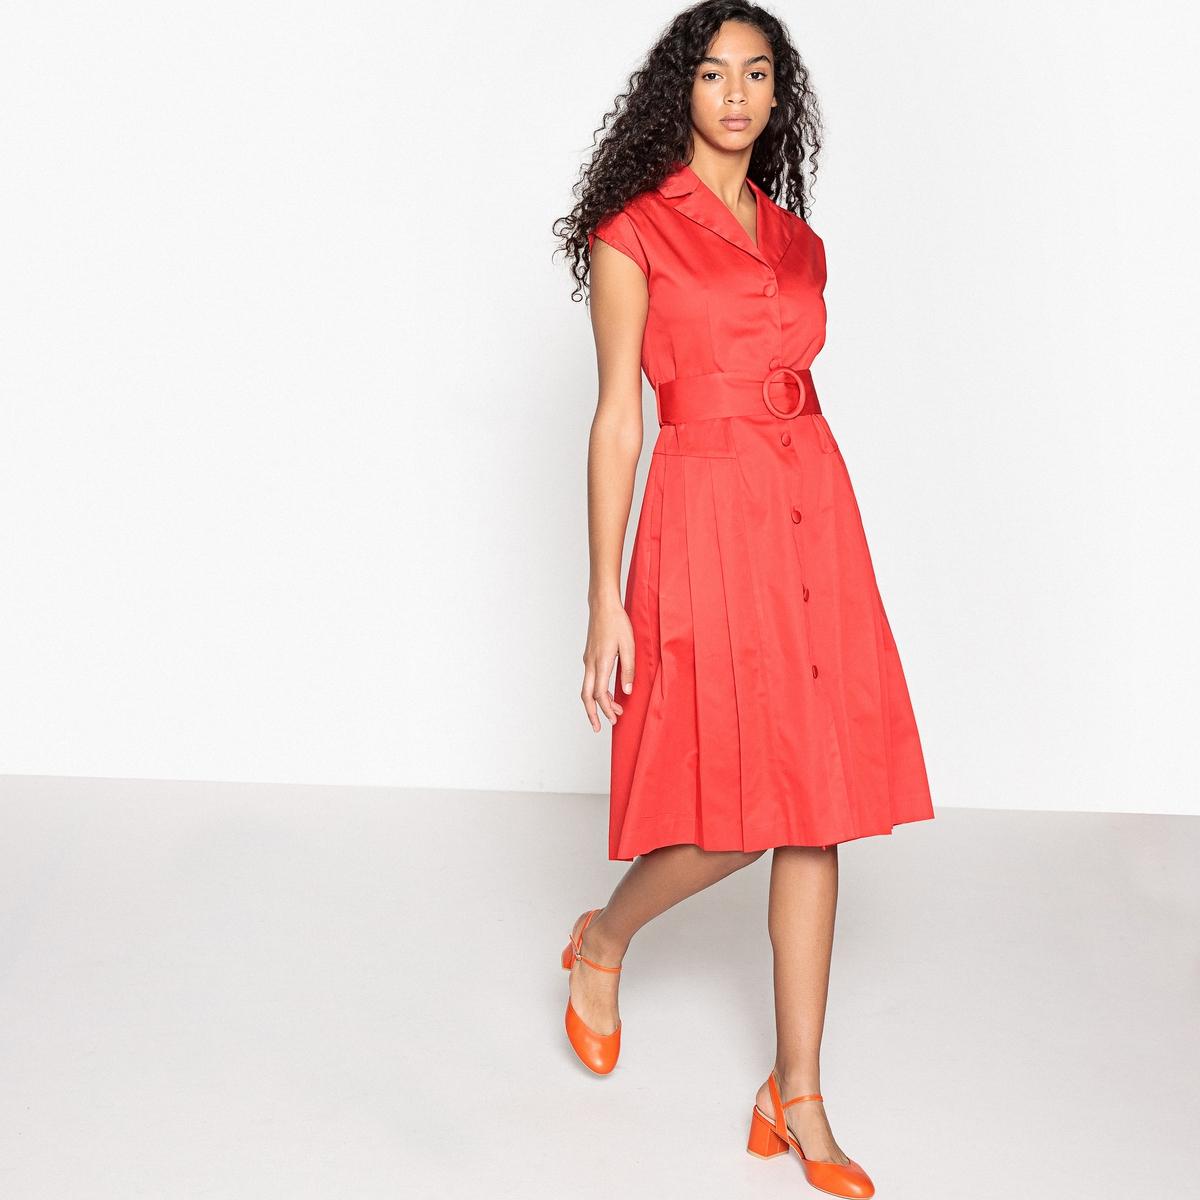 Платье-рубашка с поясом в духе 50-х годов